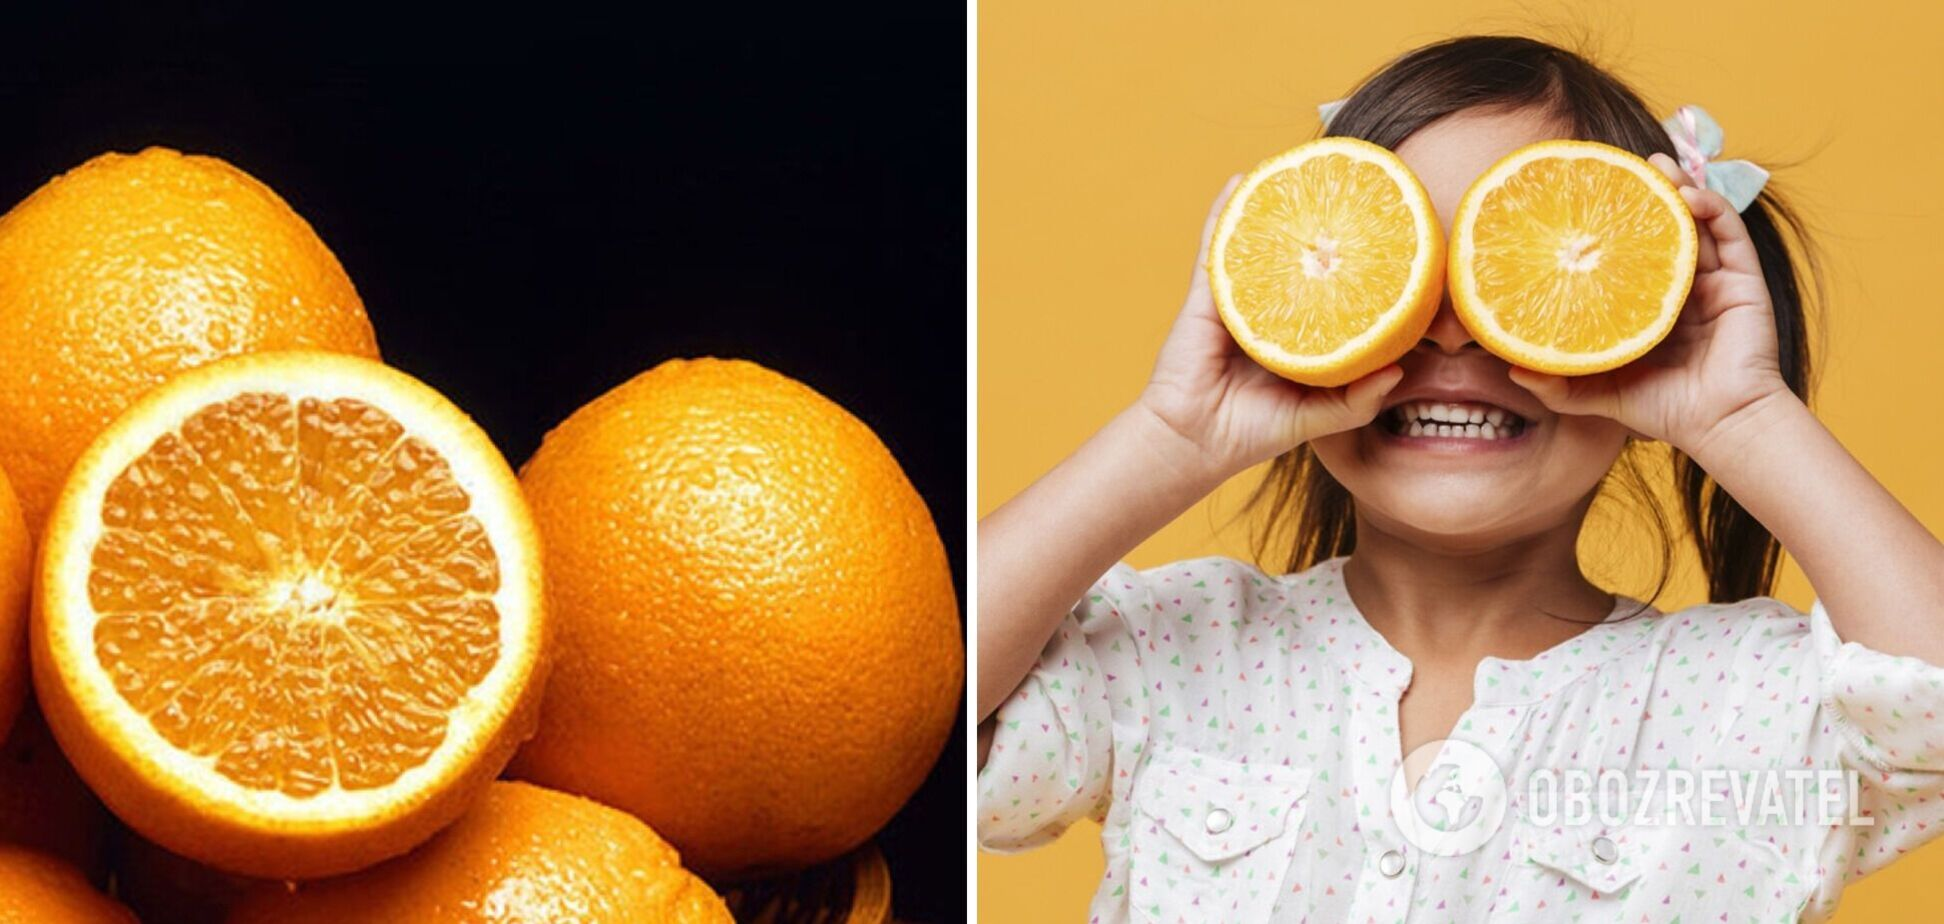 Вживання апельсинів може знизити ризик двох небезпечних хвороб, – результати дослідження